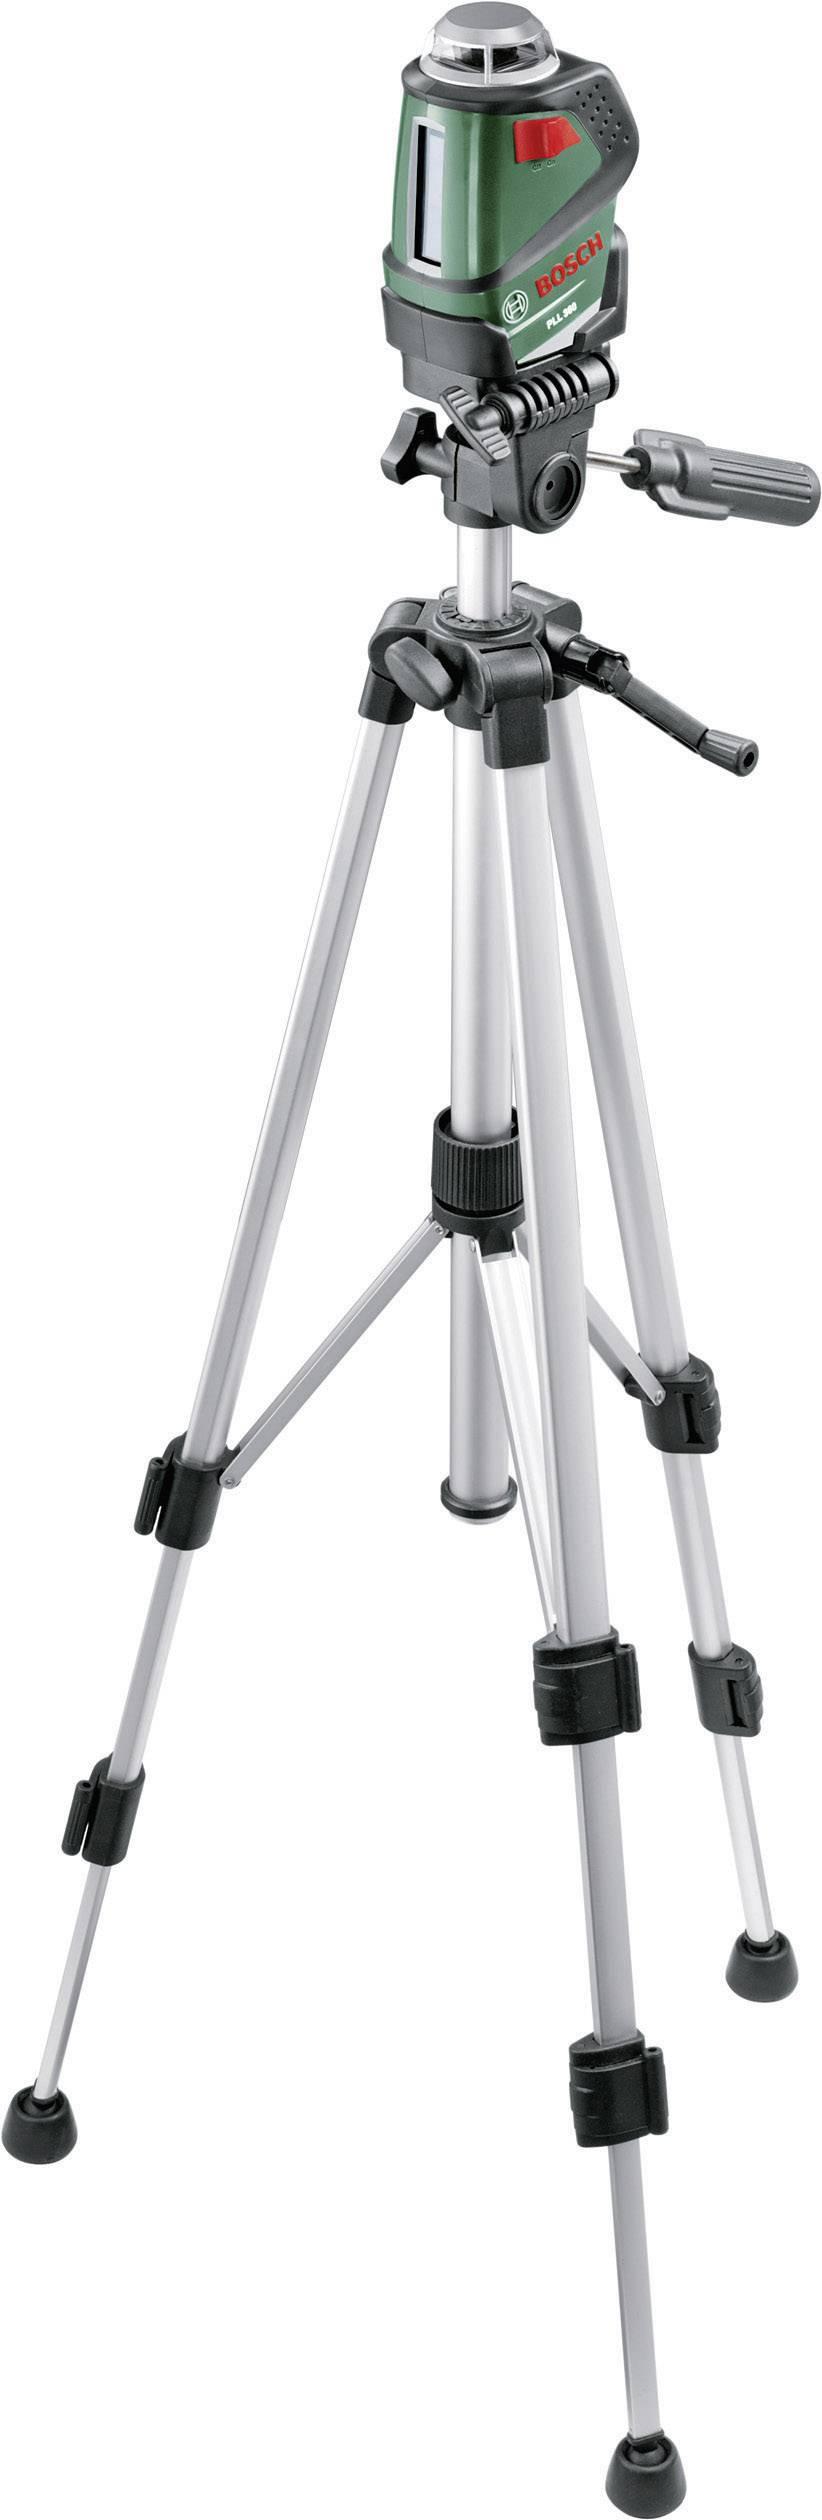 Křížová laserová vodováha samonivelační Bosch Home and Garden PLL 360 SET, dosah (max.): 20 m, Kalibrováno dle: ISO